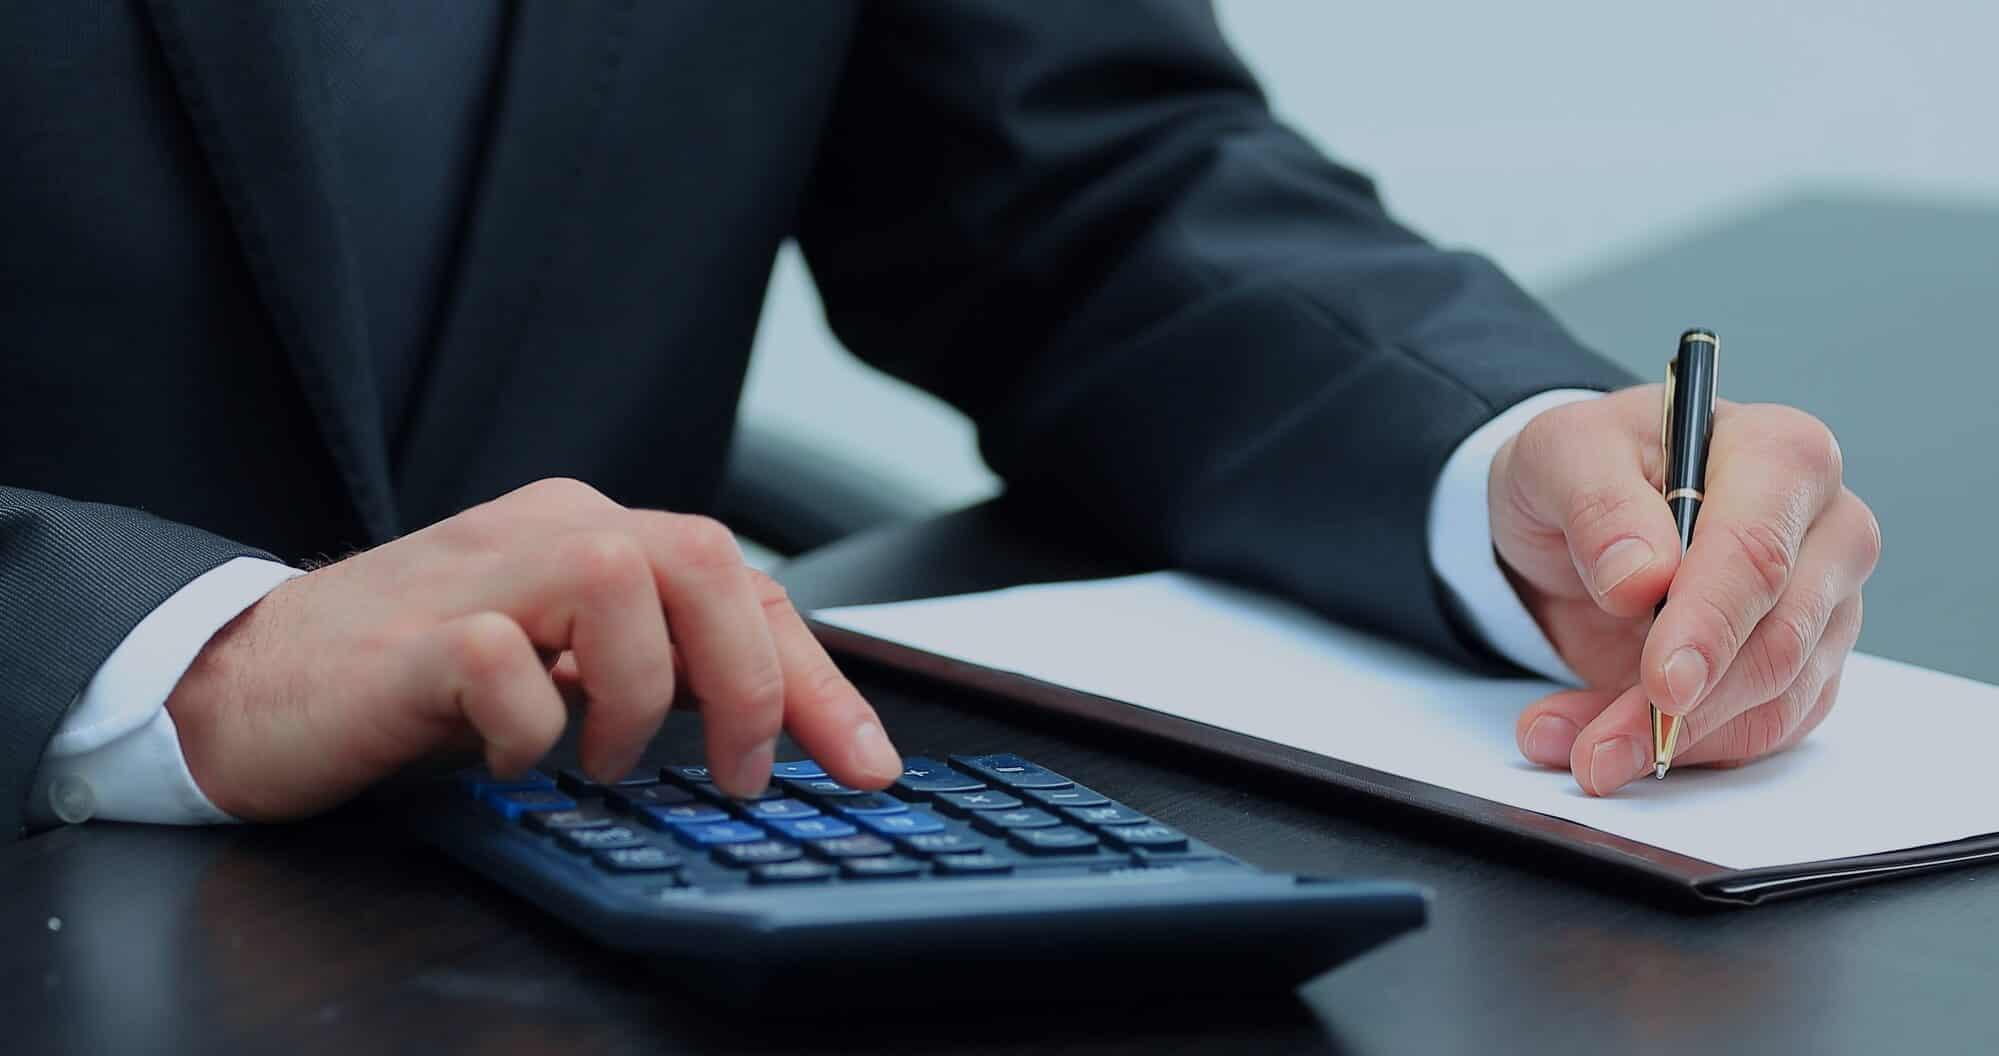 Comment faire un calcul de crédit immobilier?